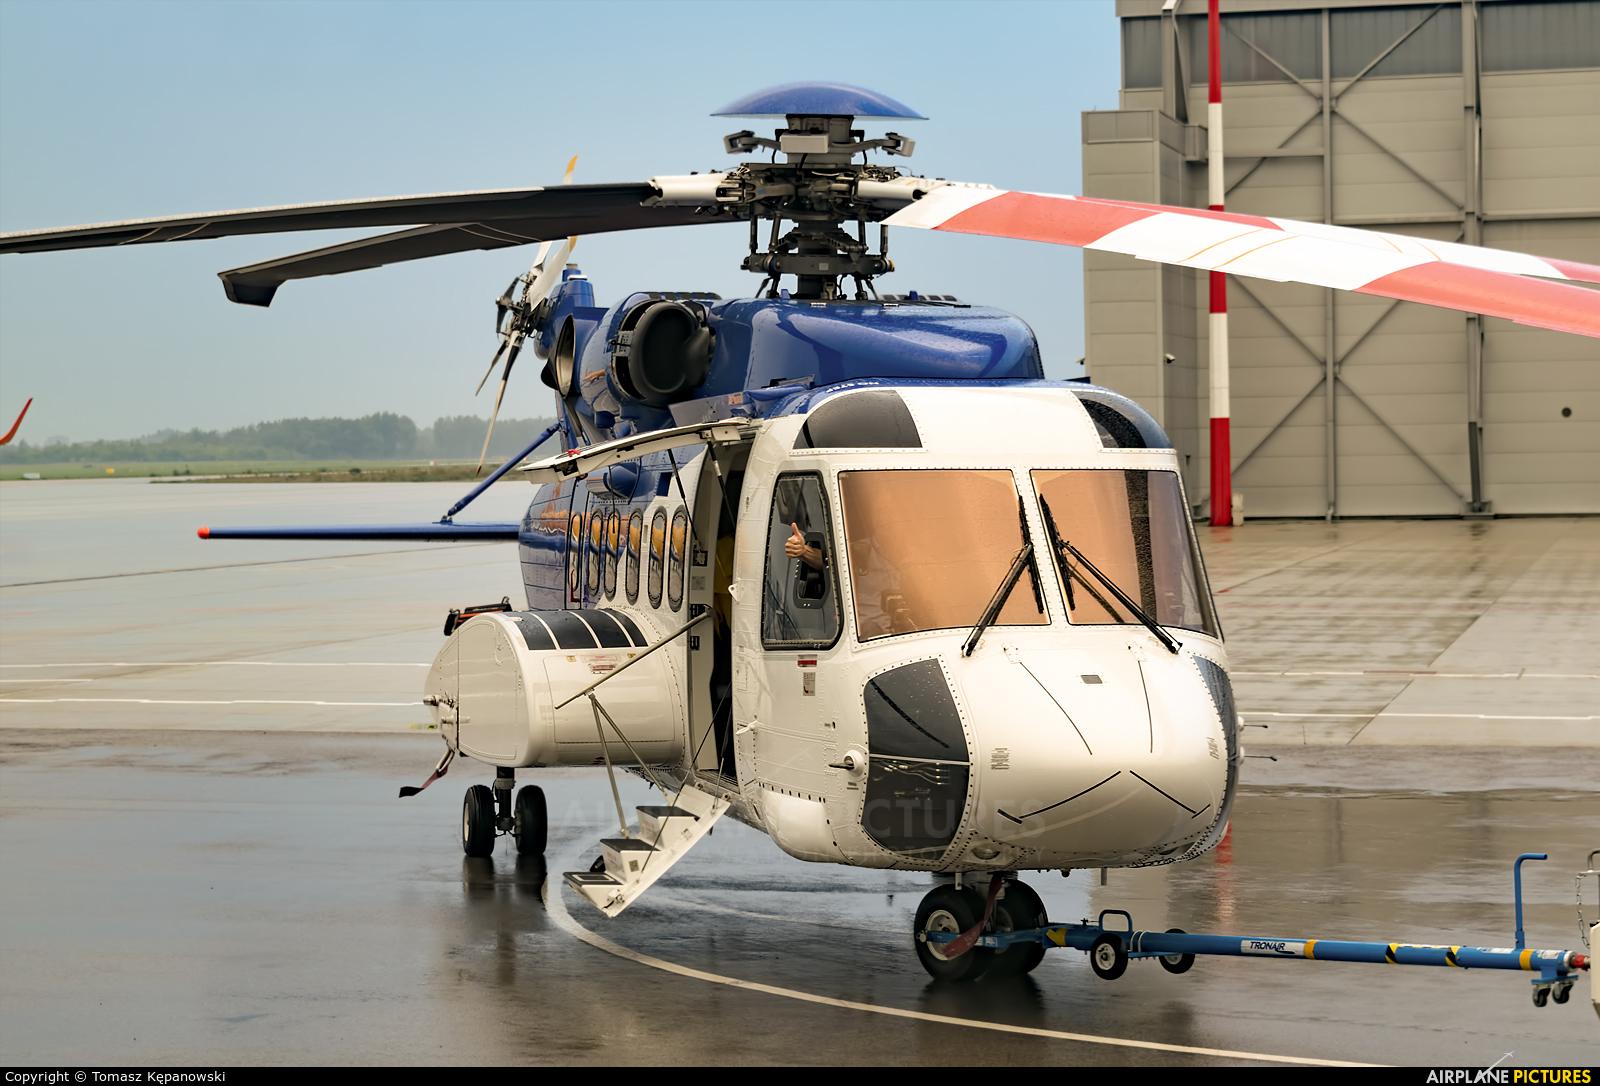 Bristow Helicopters G-CHKI aircraft at Rzeszów-Jasionka